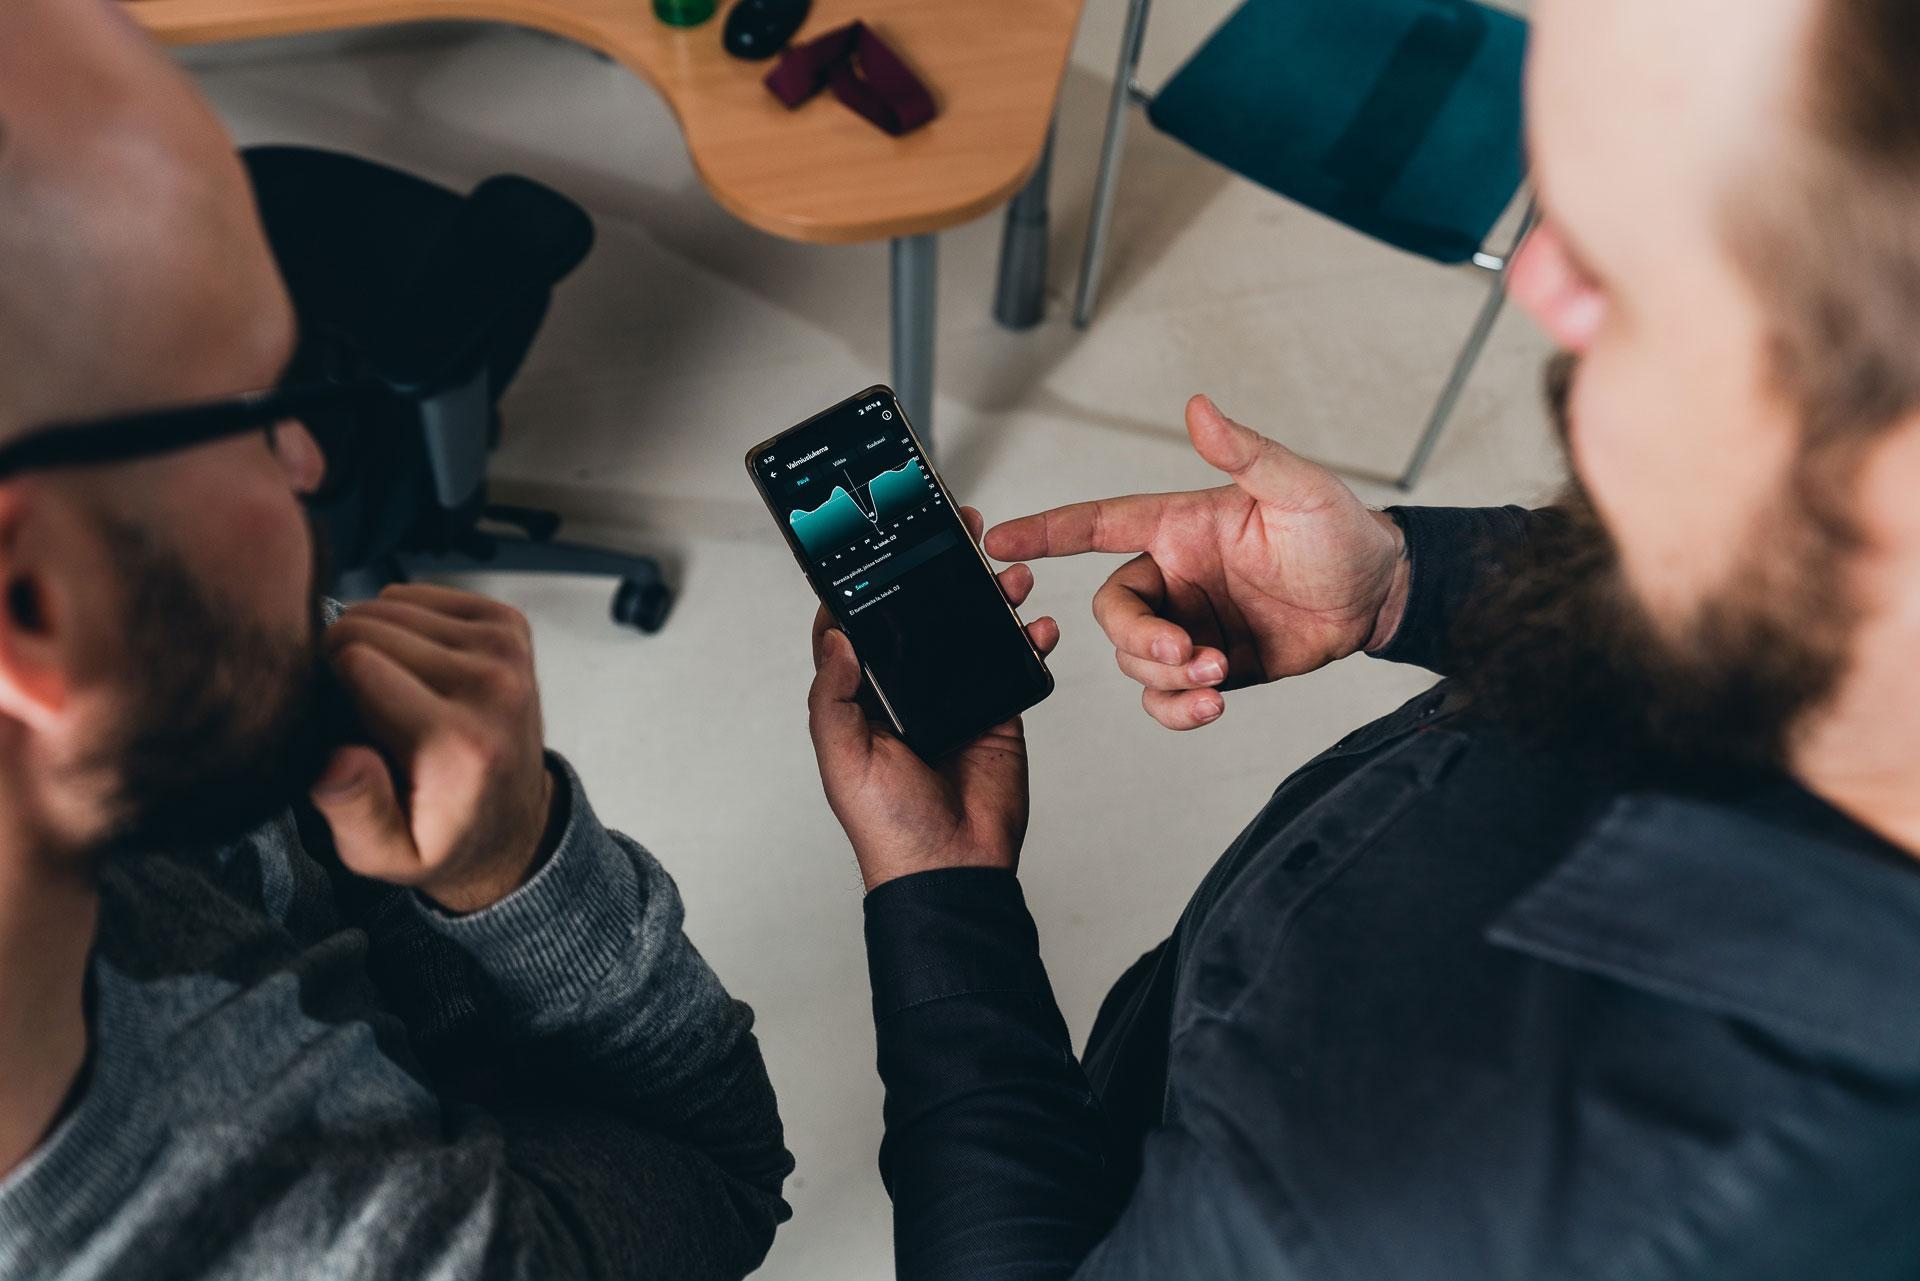 Kaksi henkilöä tutkii kännykkäsovellusta.